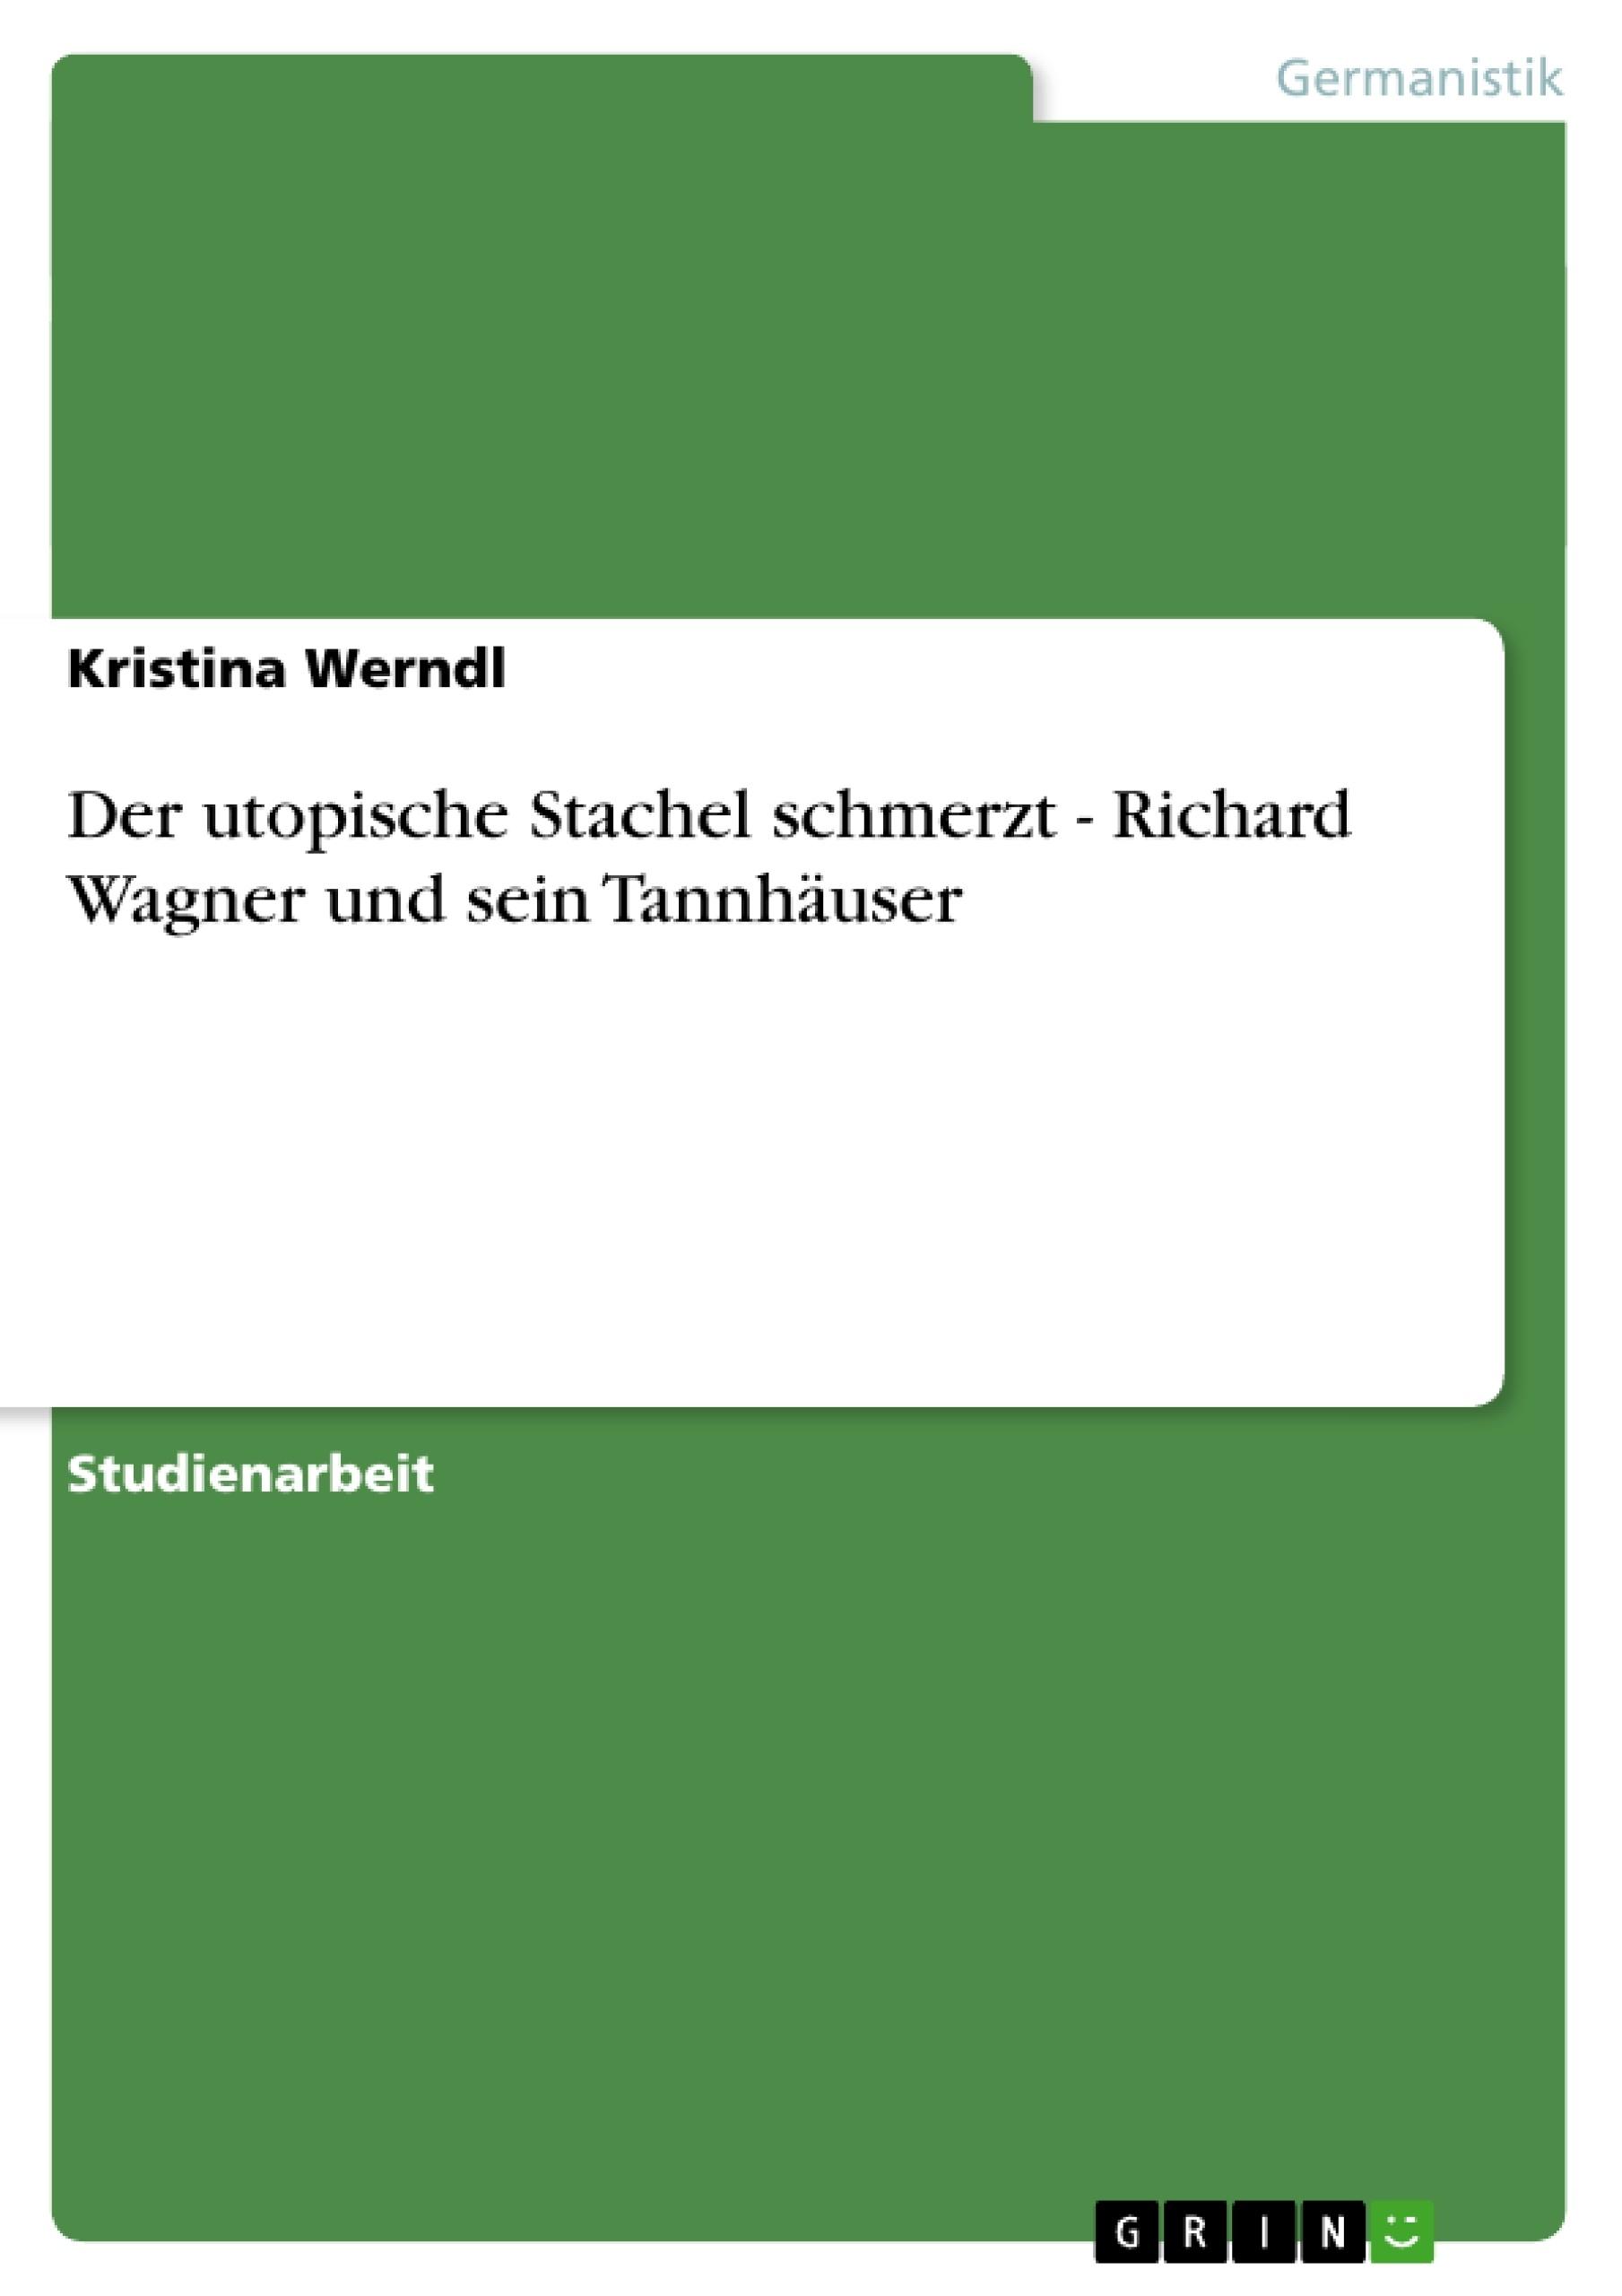 Titel: Der utopische Stachel schmerzt - Richard Wagner und sein Tannhäuser